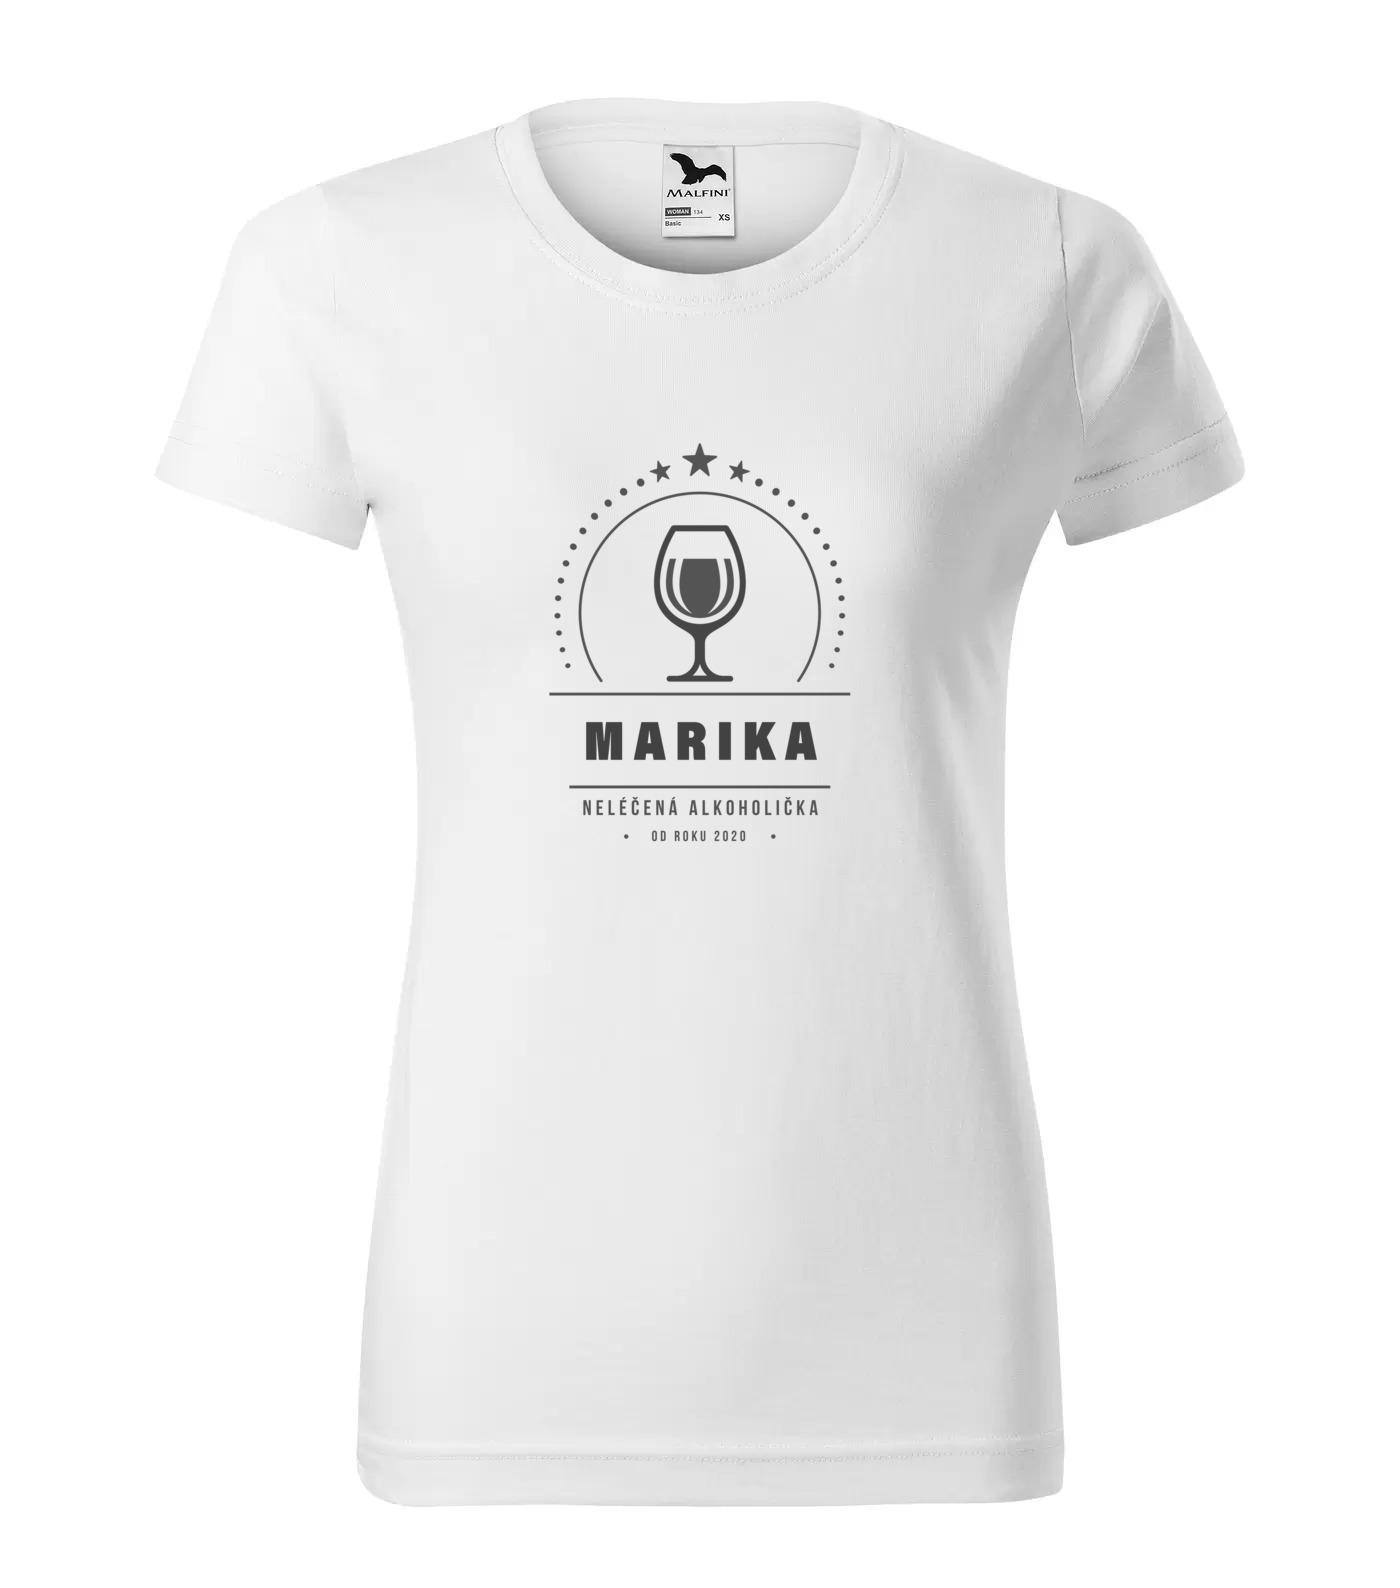 Tričko Alkoholička Marika